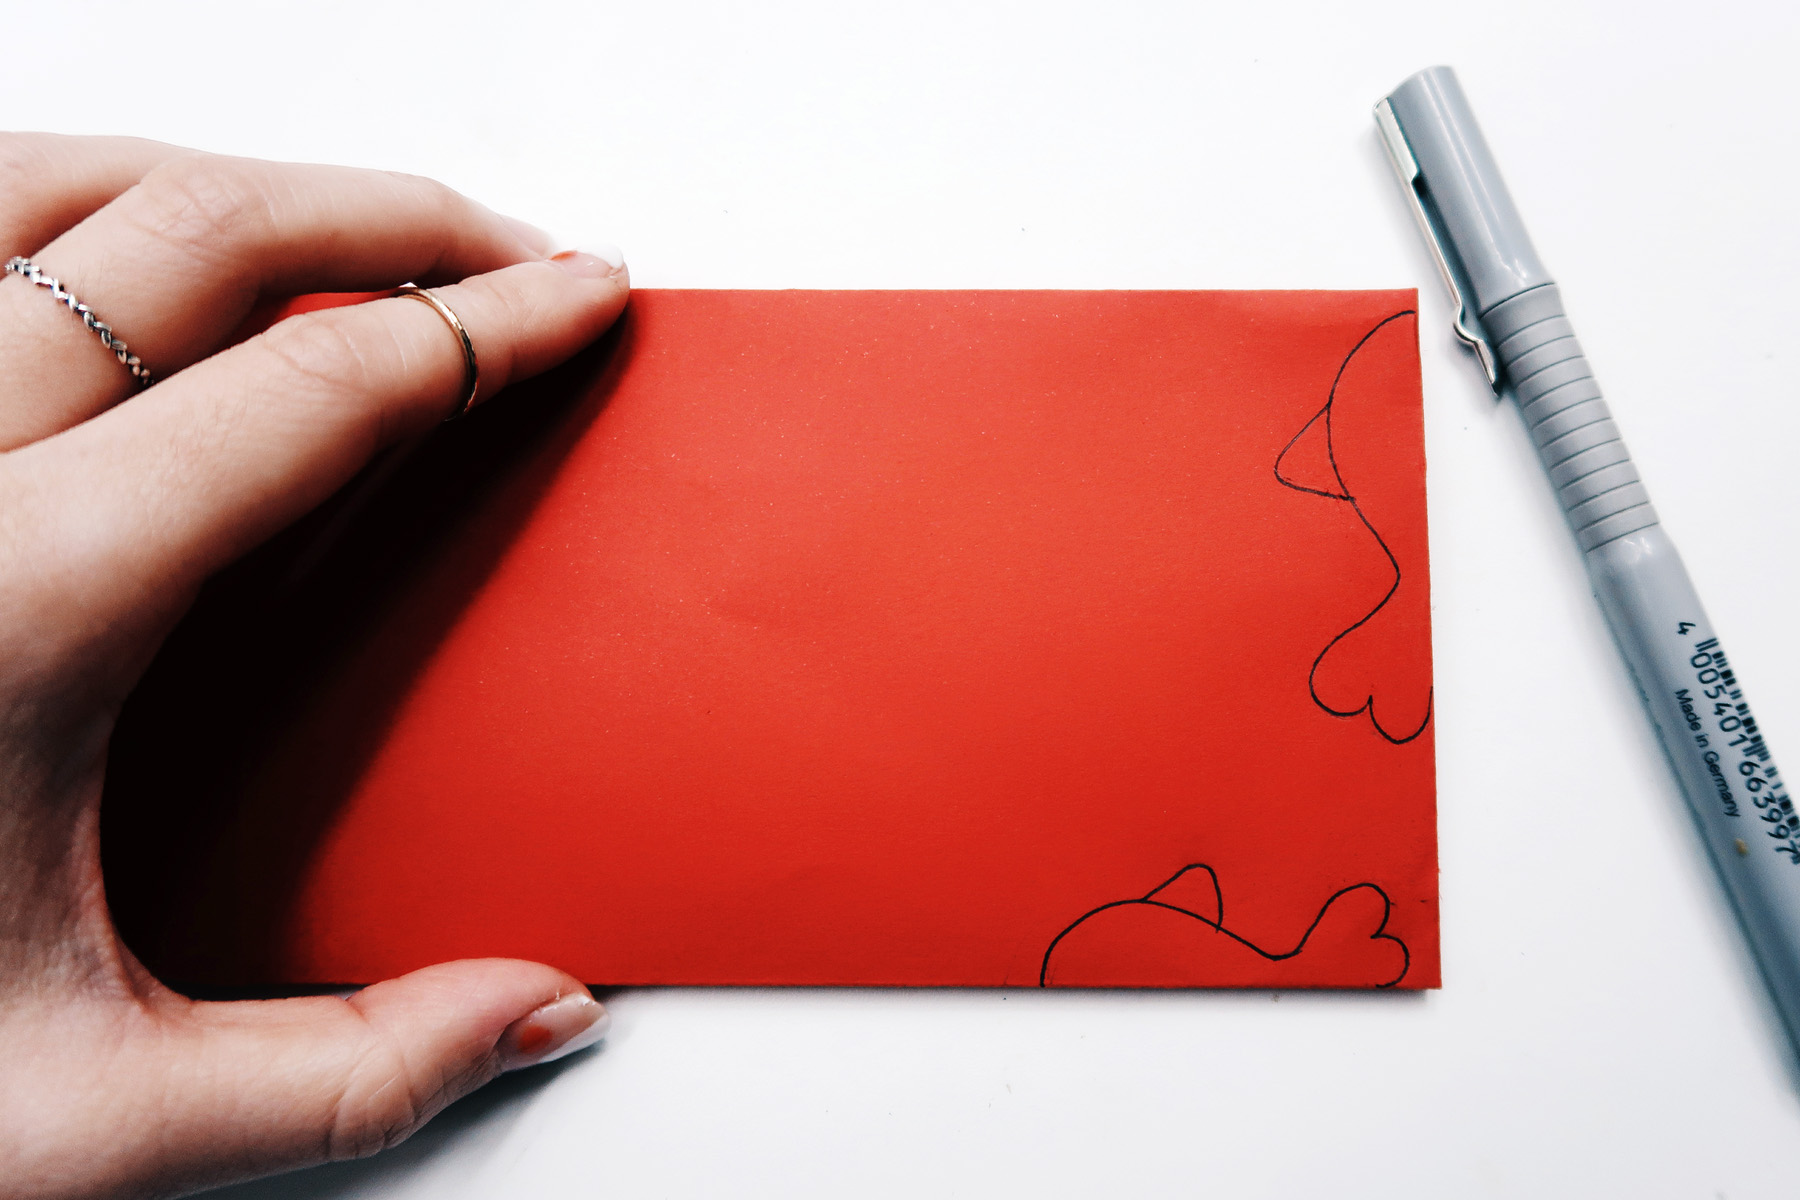 / 灰調 / DIY手作小教學:立體錦鯉紅包袋 - 繪製魚形